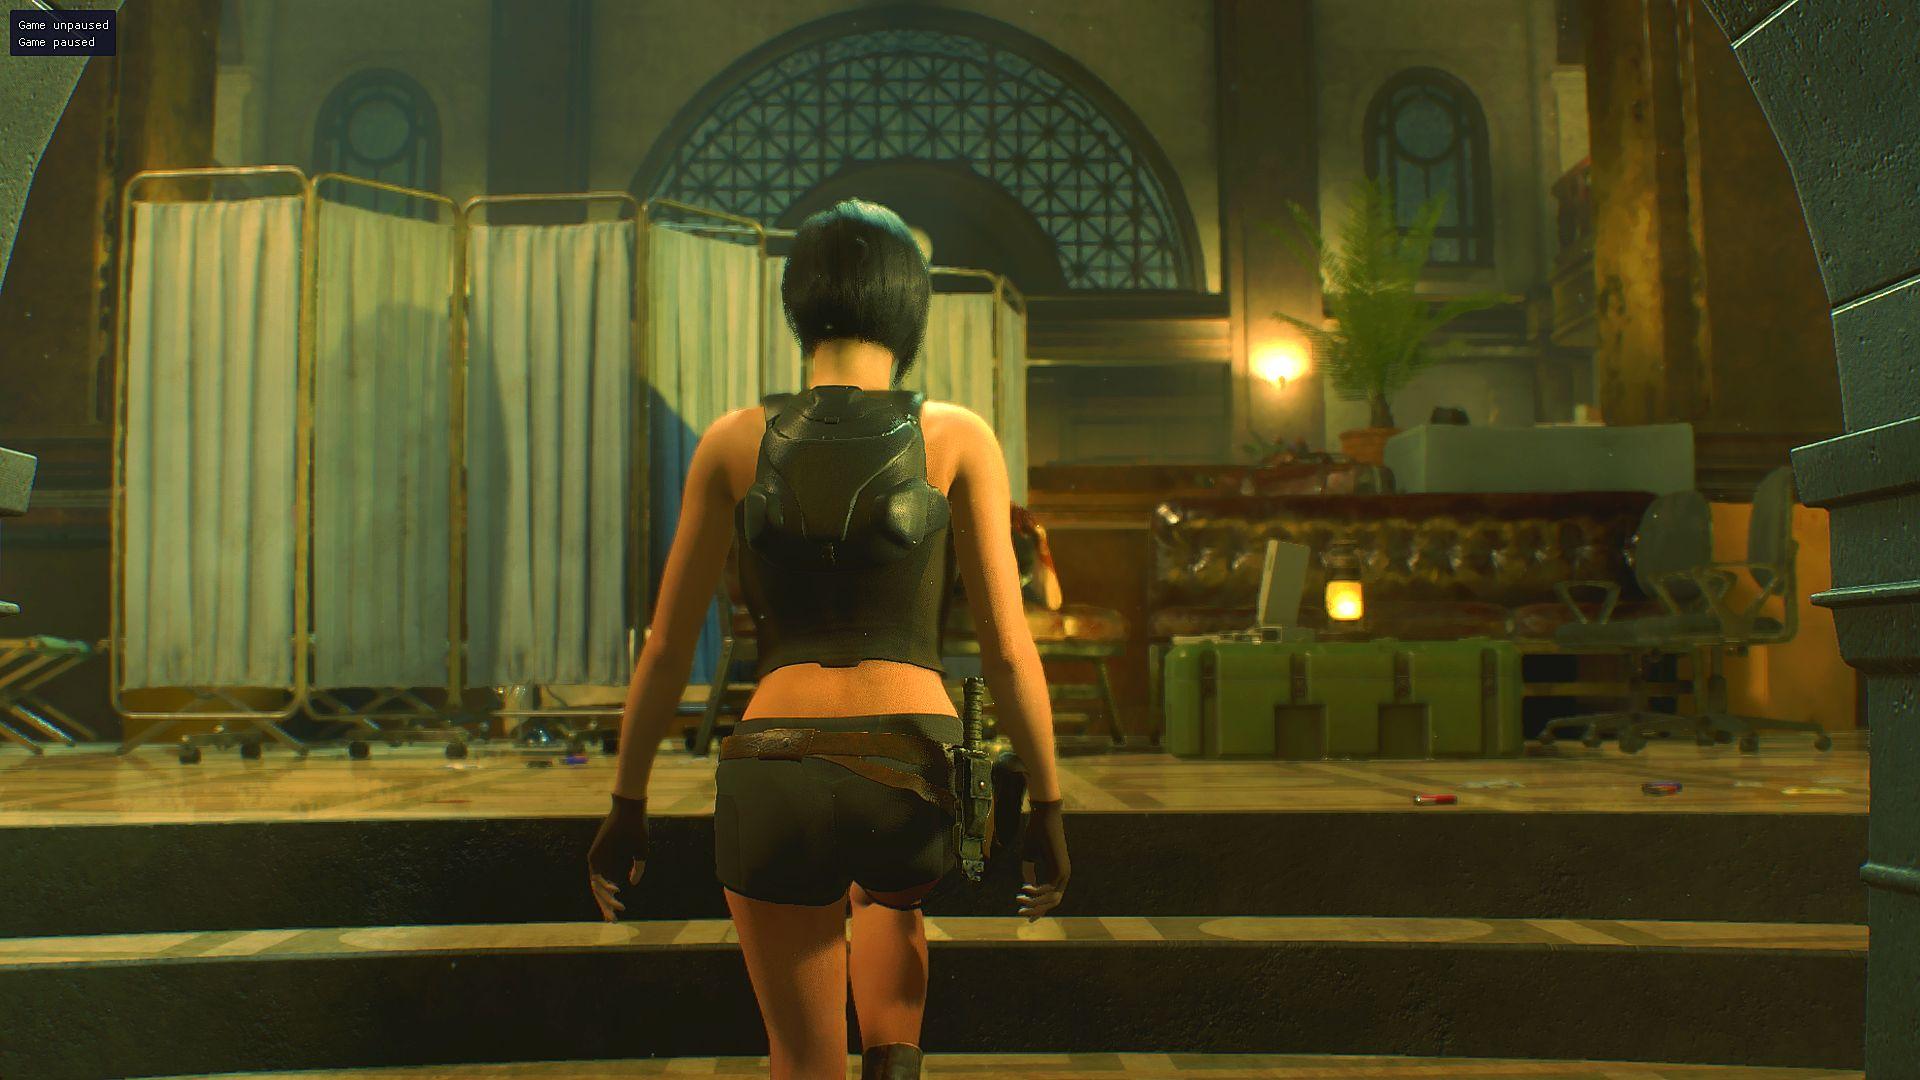 00078.Jpg - Resident Evil 2